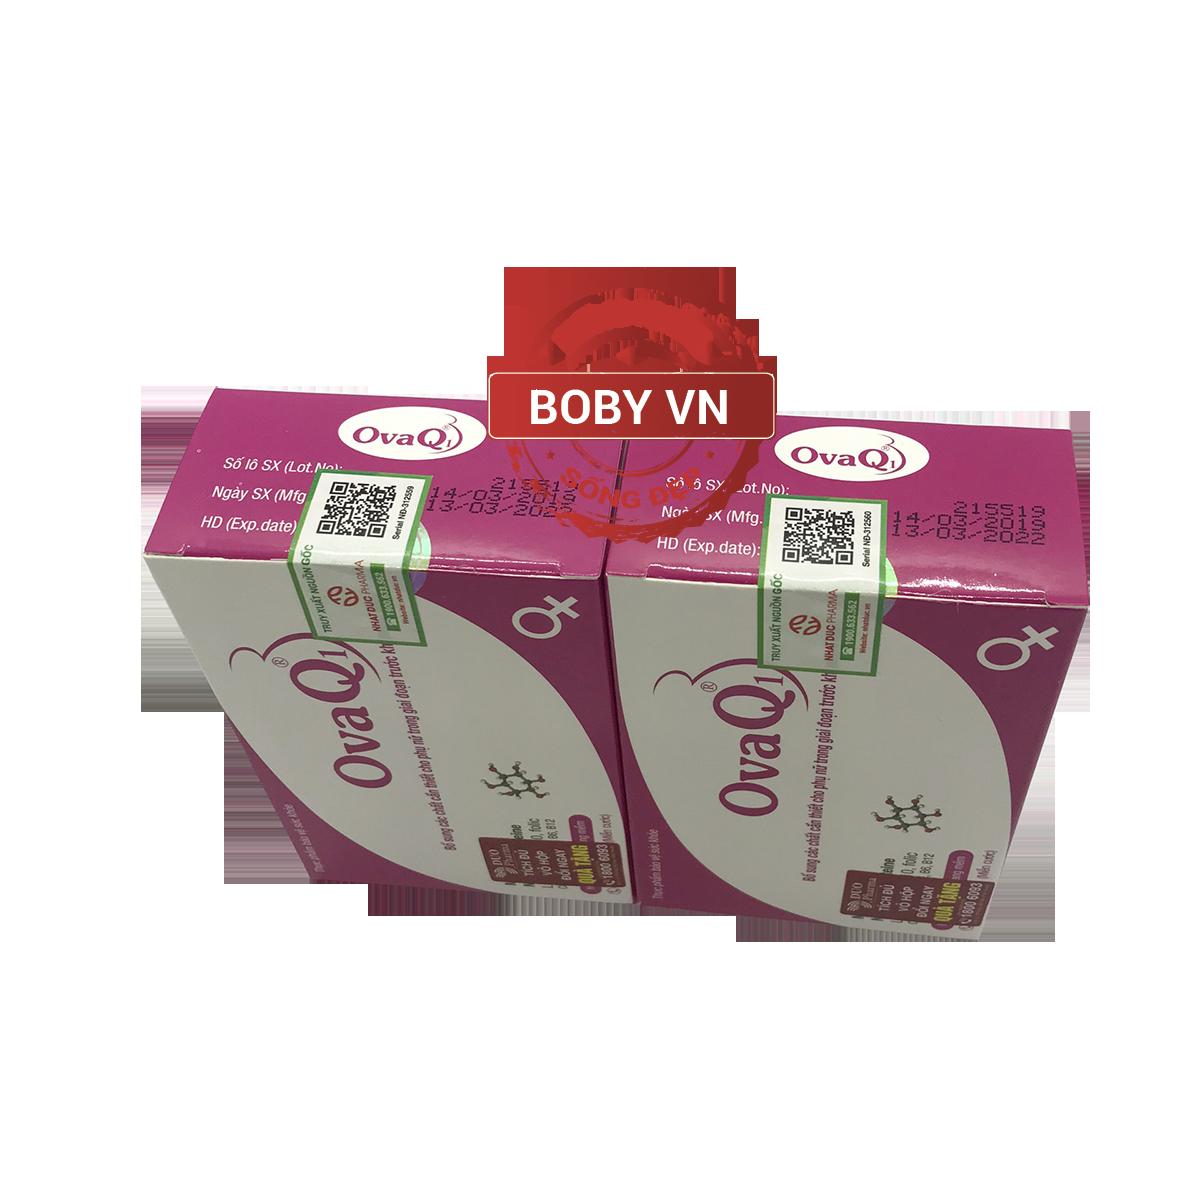 OvaQ1 hỗ trợ điều trị vô sinh ở nữ giới - Hàng chính hãng - Hộp 30 viên